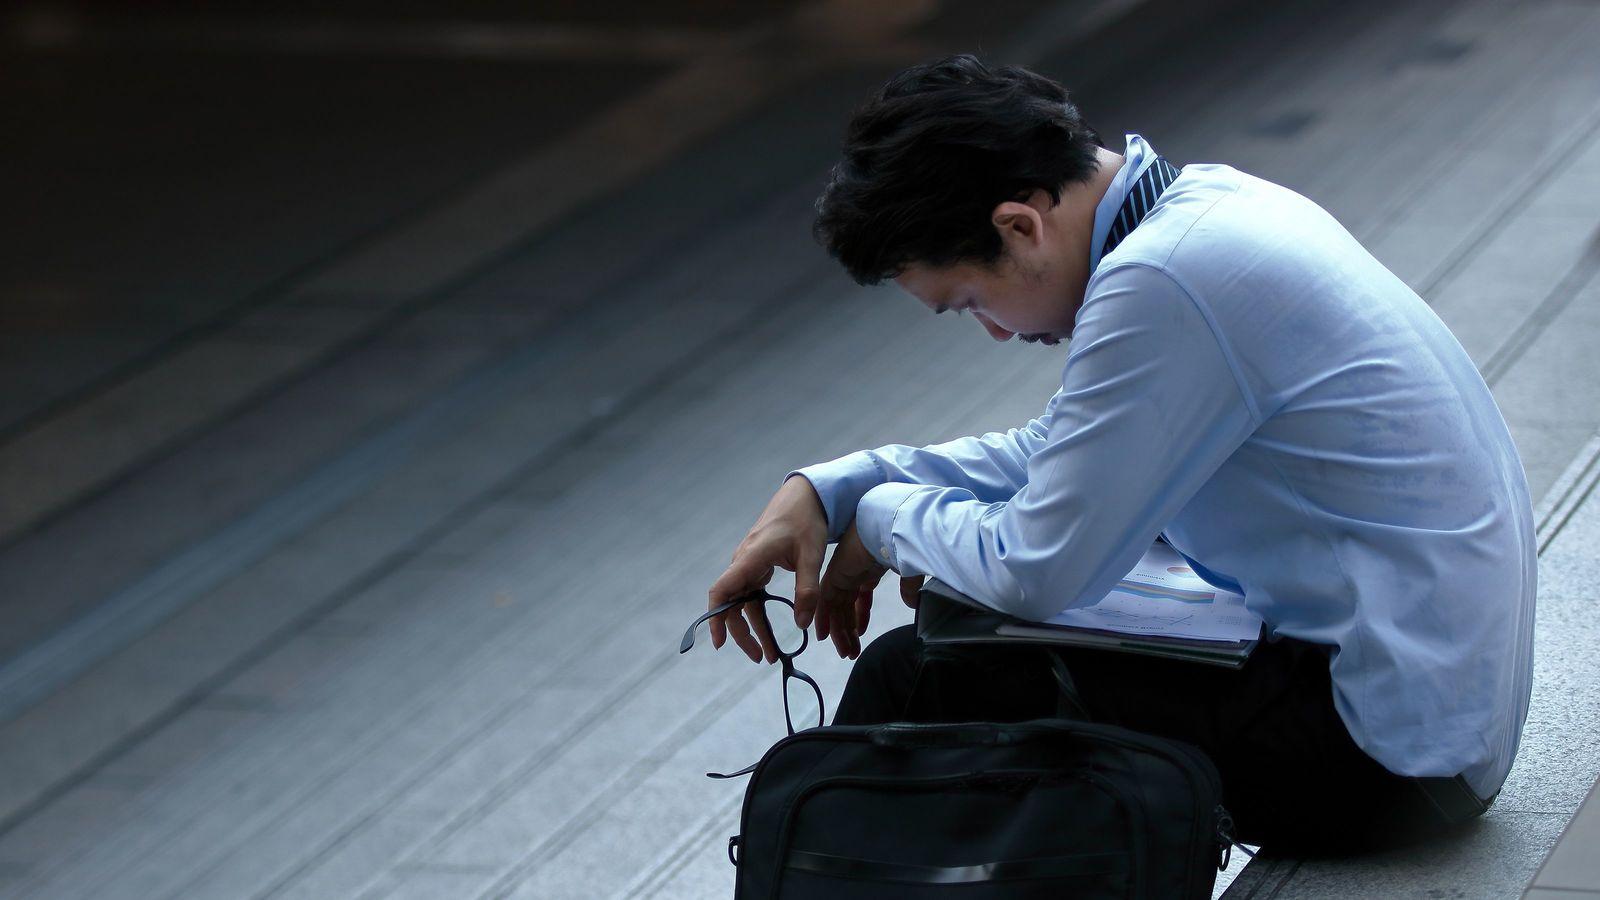 「日本は本当の地獄を見る」…コロナ&消費増税のW危機で令和大恐慌へ! 米共和党インテリジェンスが警鐘